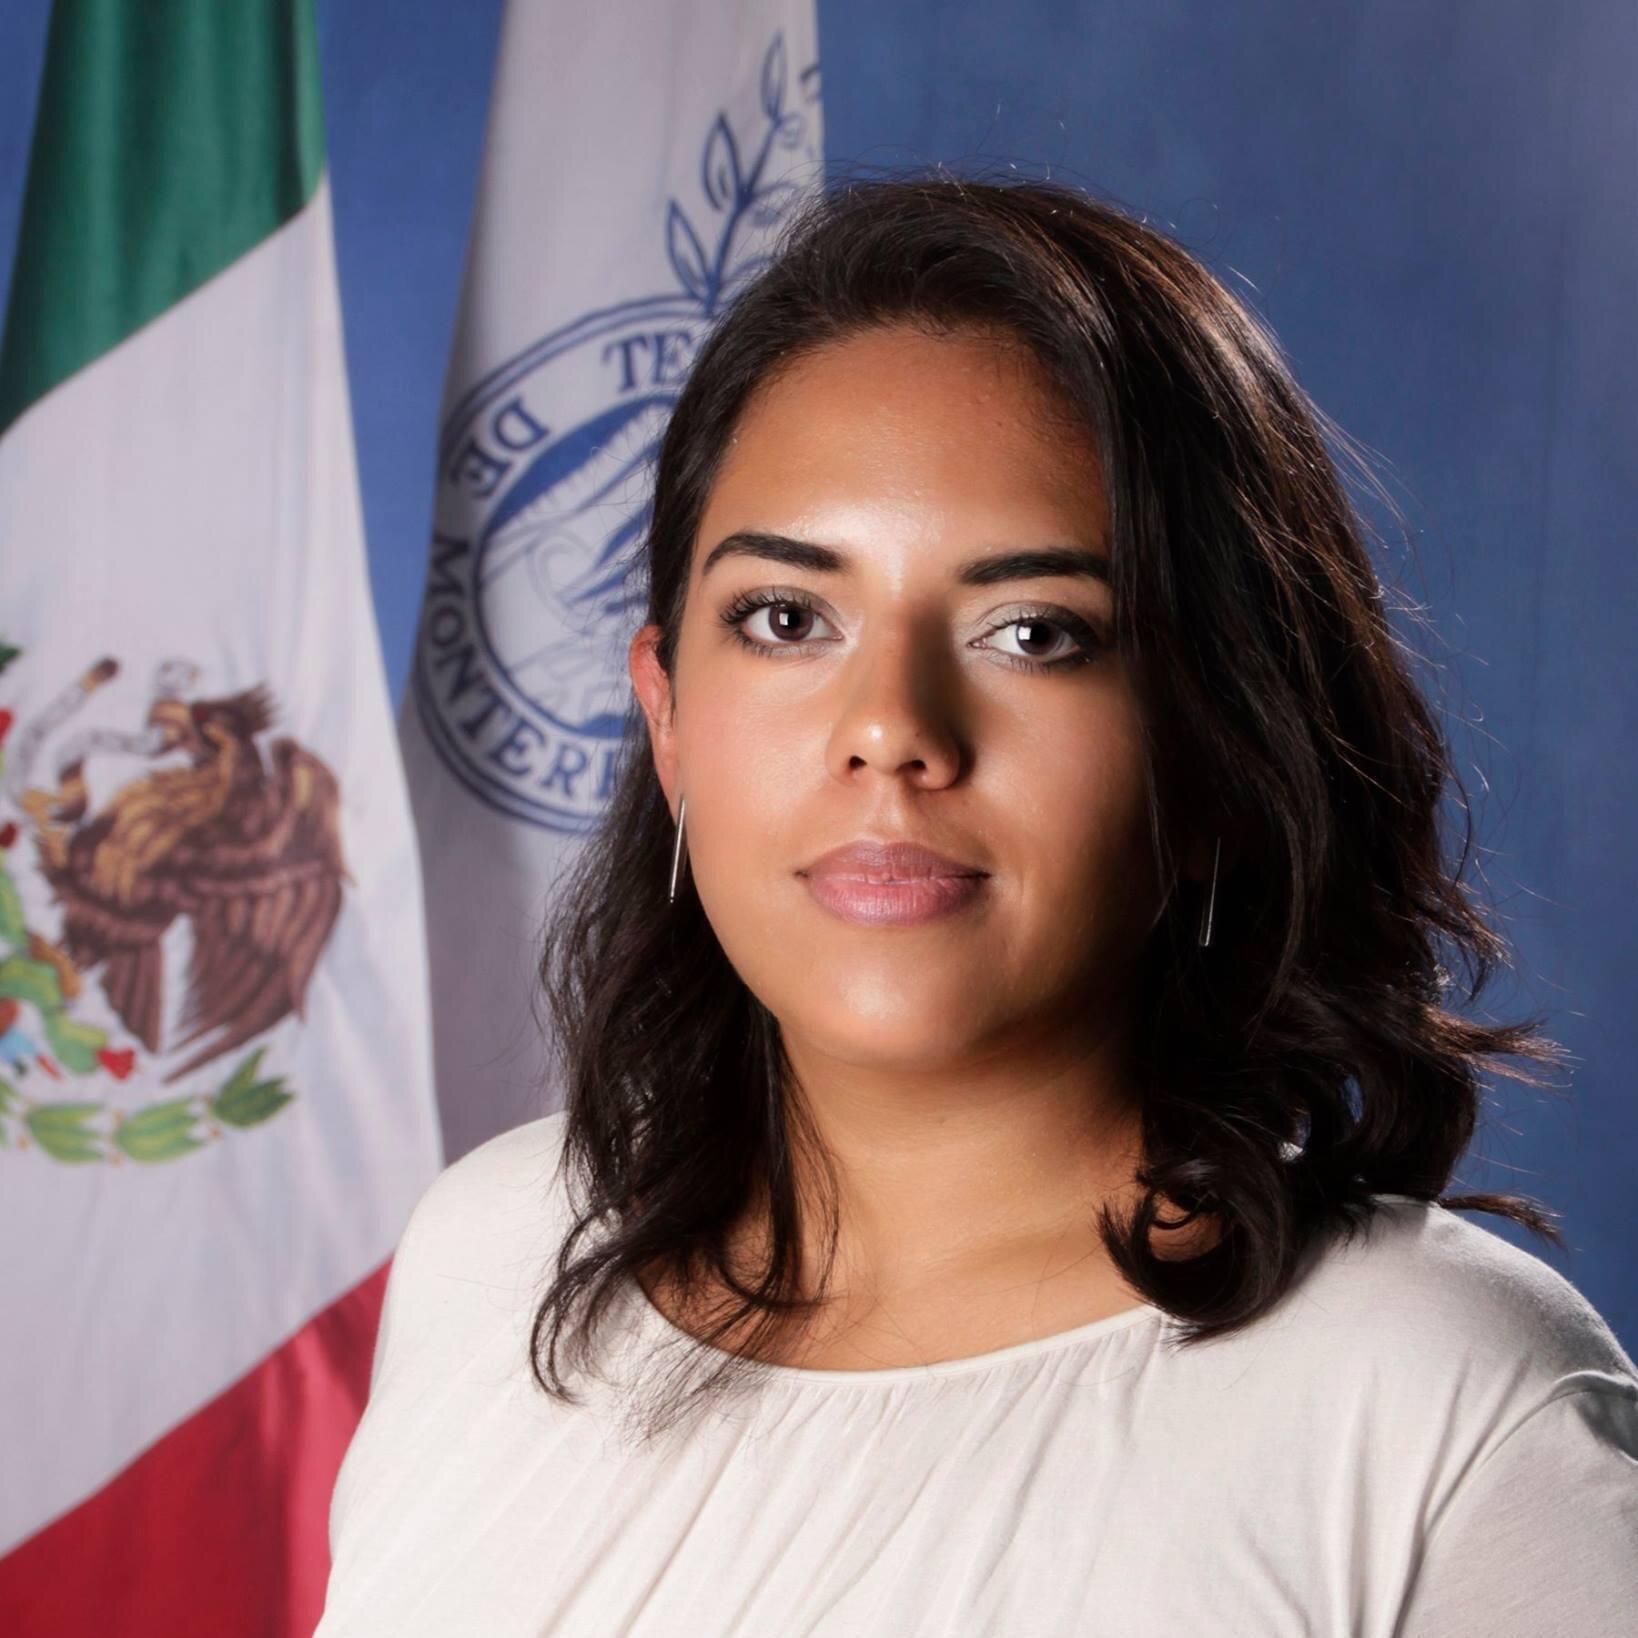 Mariana Loeza